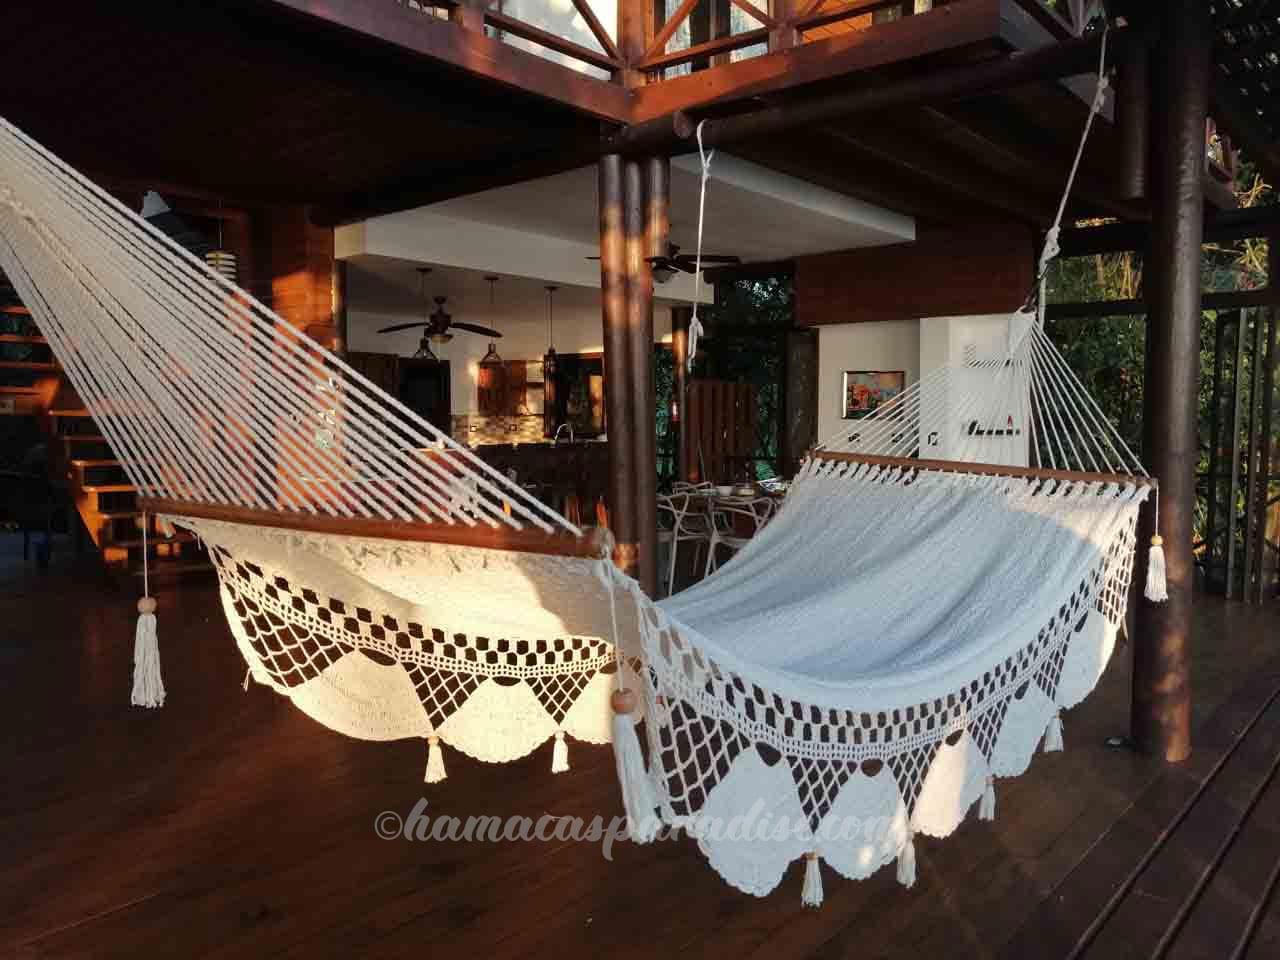 Large hammocks